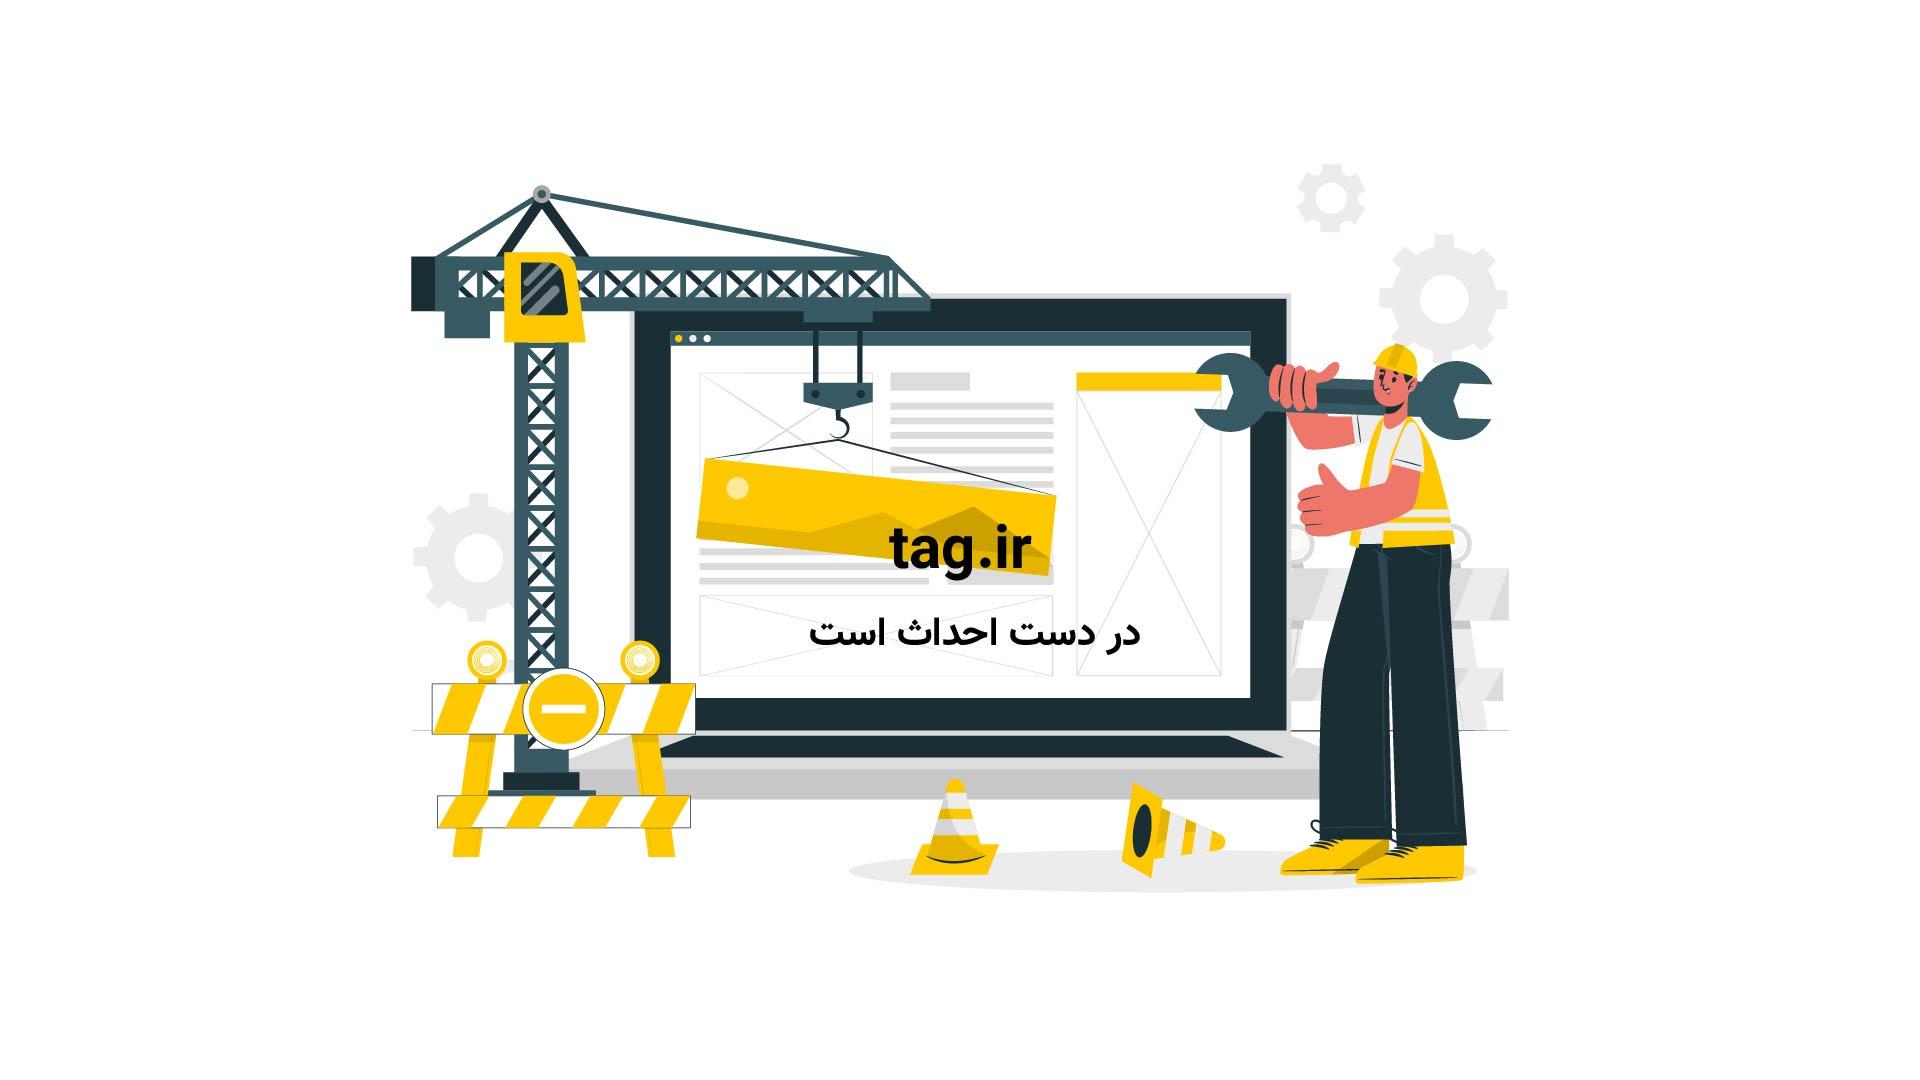 سخنرانیهای تد؛ ریشههای آشپزی خود را در آغوش بگیریم | فیلم